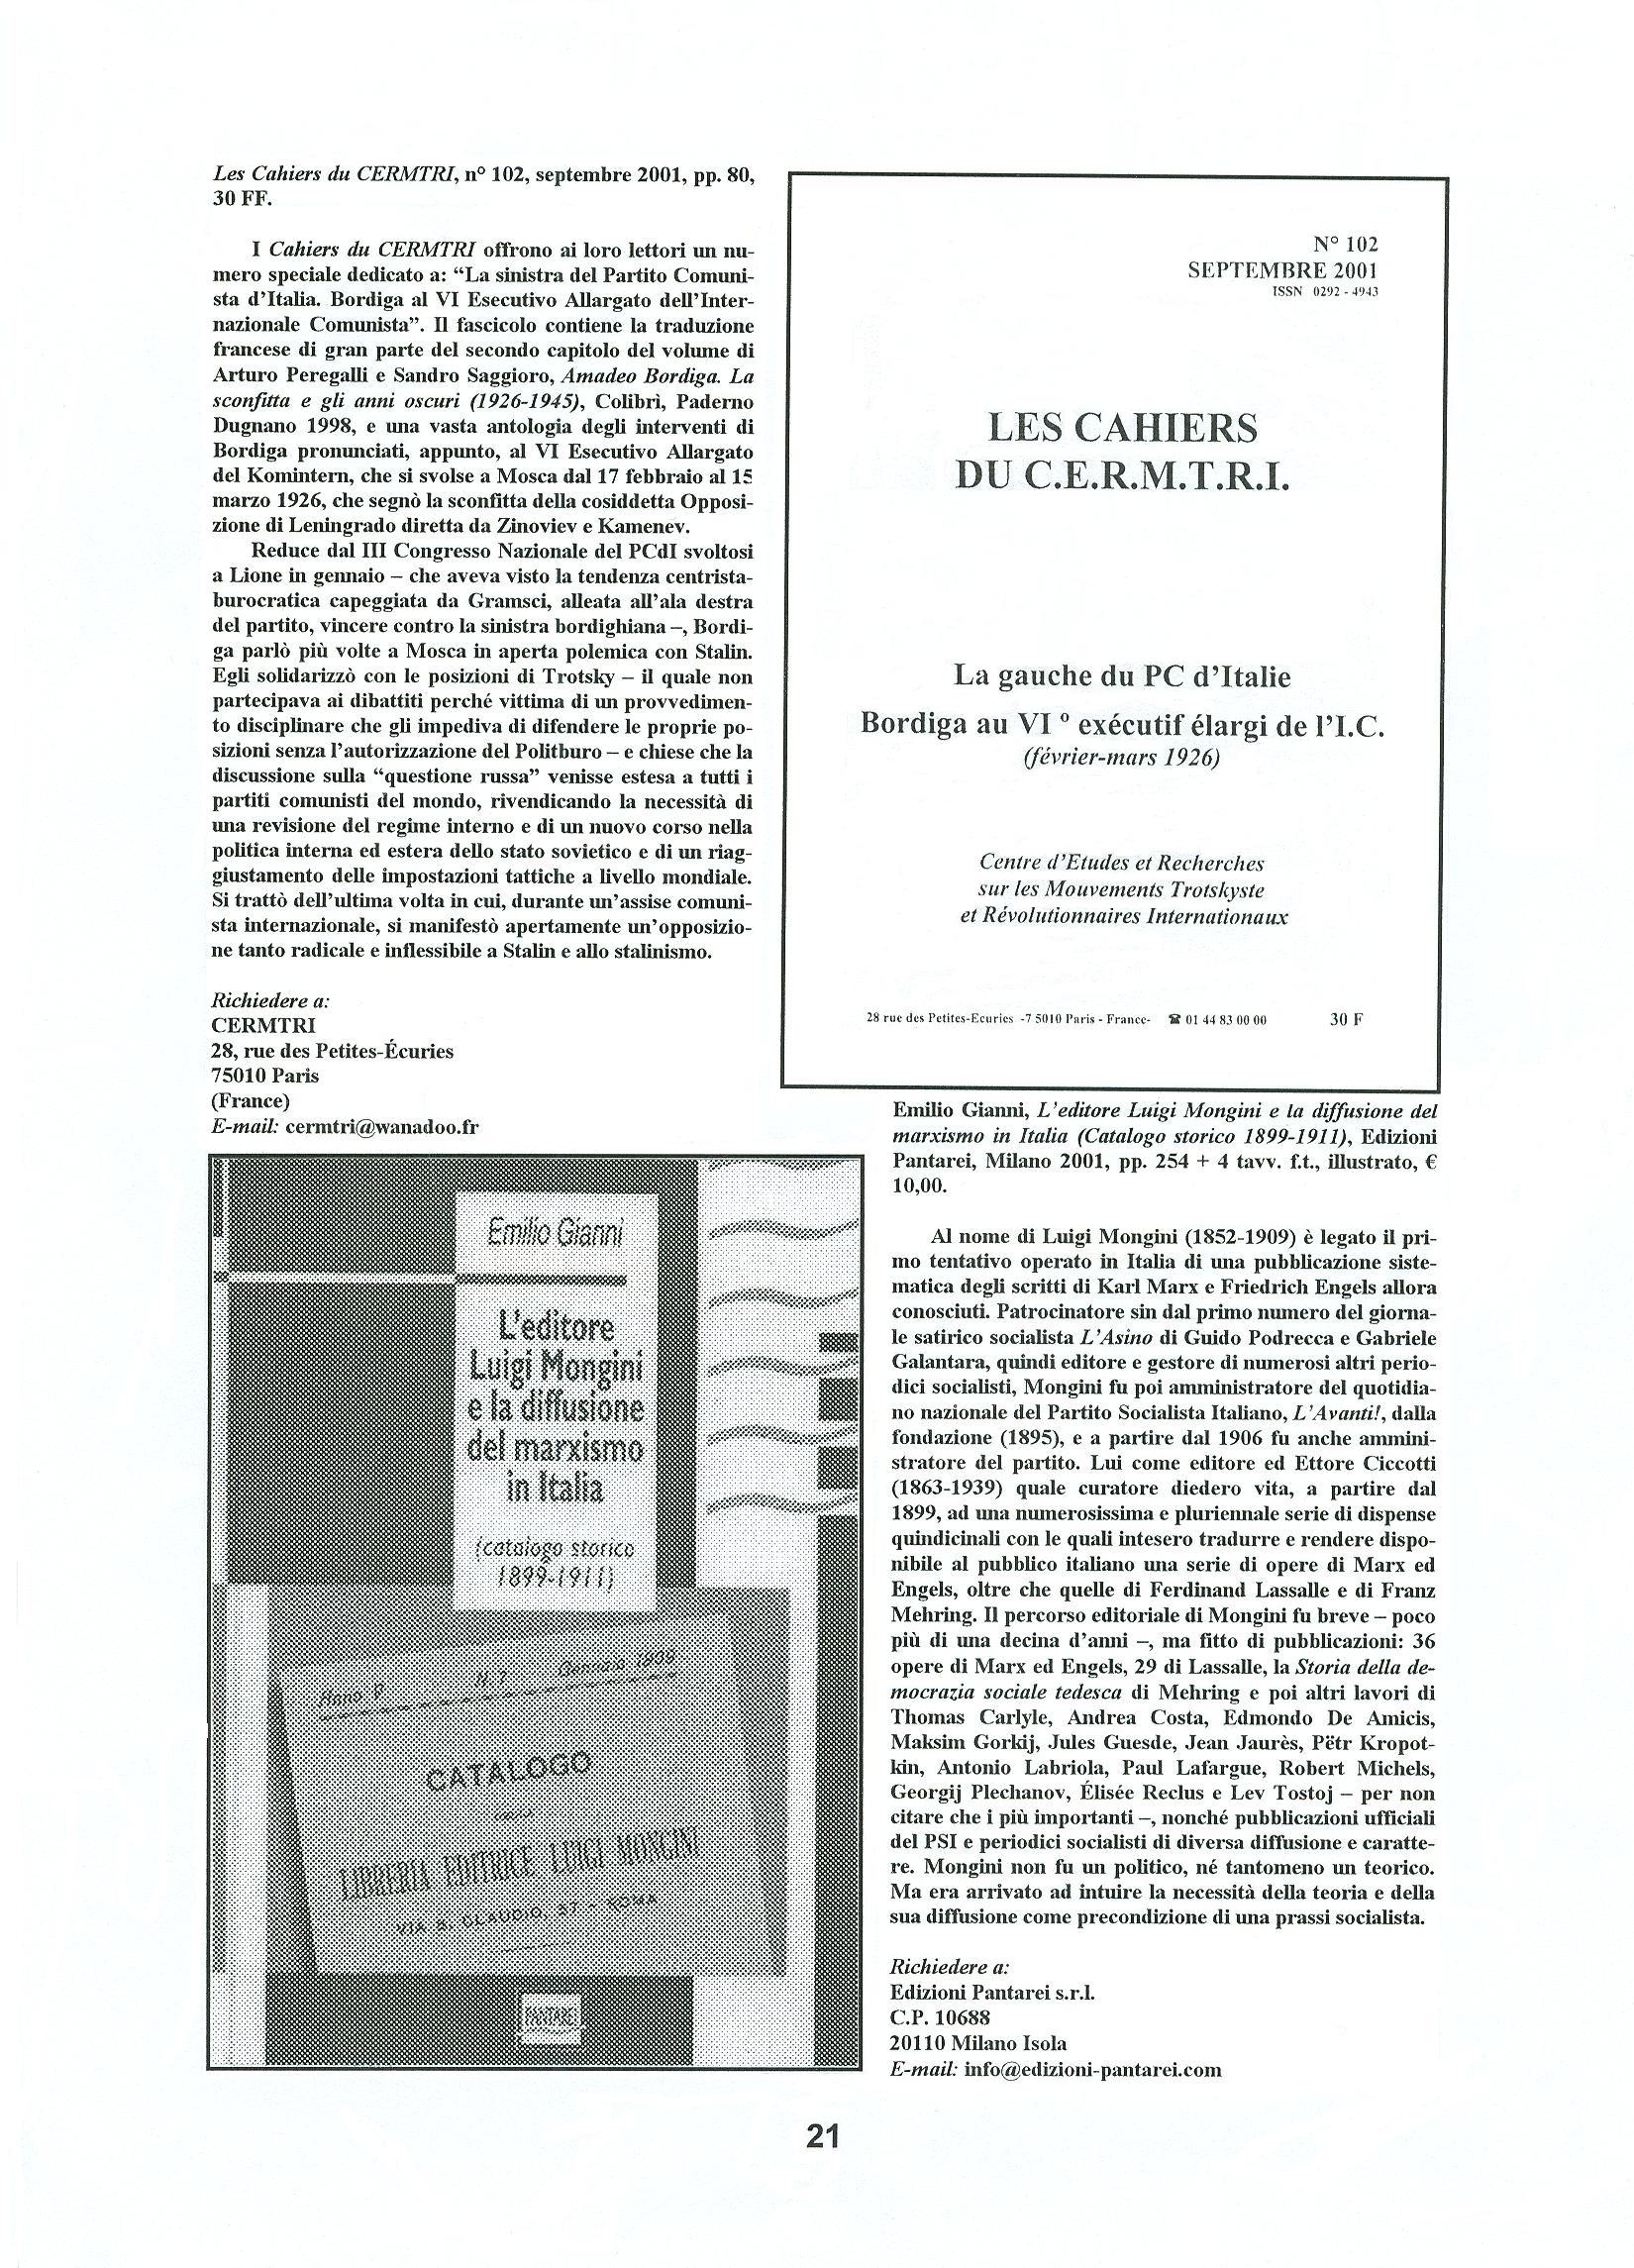 Quaderno n. 32 - pag. 22